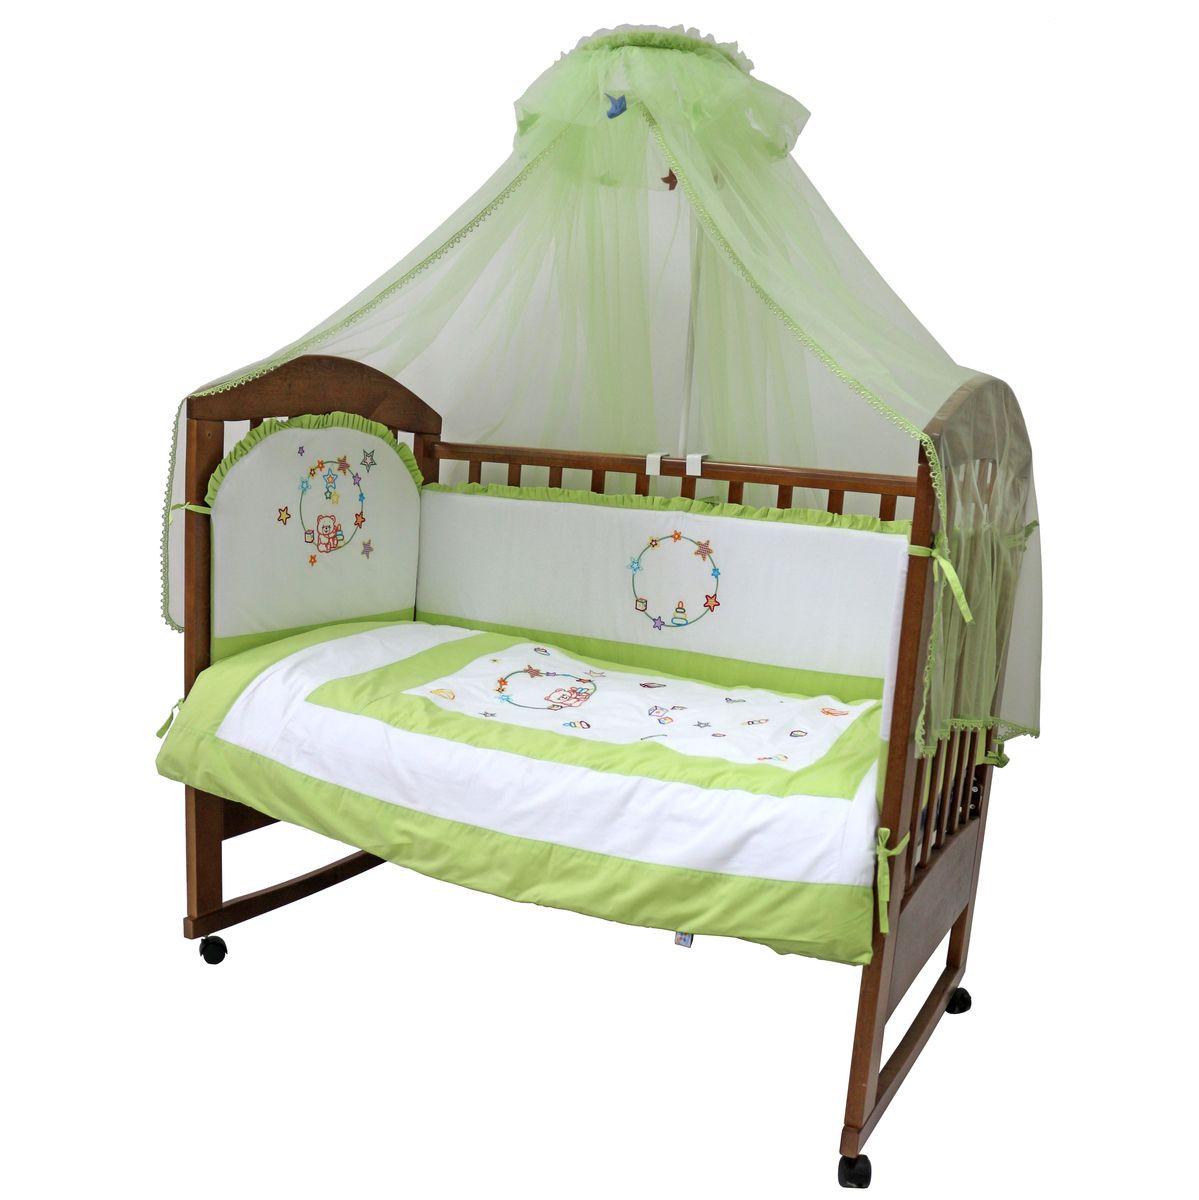 Топотушки Комплект детского постельного белья Карусель цвет зеленый белый 7 предметов4630008876206Комплект постельного белья из 7 предметов включает все необходимые элементы для детской кроватки. Комплект создает для Вашего ребенка уют, комфорт и безопасную среду с рождения; современный дизайн и цветовые сочетания помогают ребенку адаптироваться в новом для него мире. Комплекты «Топотушки» хорошо вписываются в интерьер как детской комнаты, так и спальни родителей. Как и все изделия «Топотушки» данный комплект отражает самые последние технологии, является безопасным для малыша и экологичным. Российское происхождение комплекта гарантирует стабильно высокое качество, соответствие актуальным пожеланиям потребителей, конкурентоспособную цену. Балдахин 4,5м (сетка); охранный бампер 360х40см. (из 4-х частей, наполнитель – холлофайбер); подушка 40х60см. (наполнитель – холлофайбер); одеяло 140х110см. (наполнитель – холлофайбер); наволочка 40х60см; пододеяльник 147х112см; простынь на резинке 120х60см